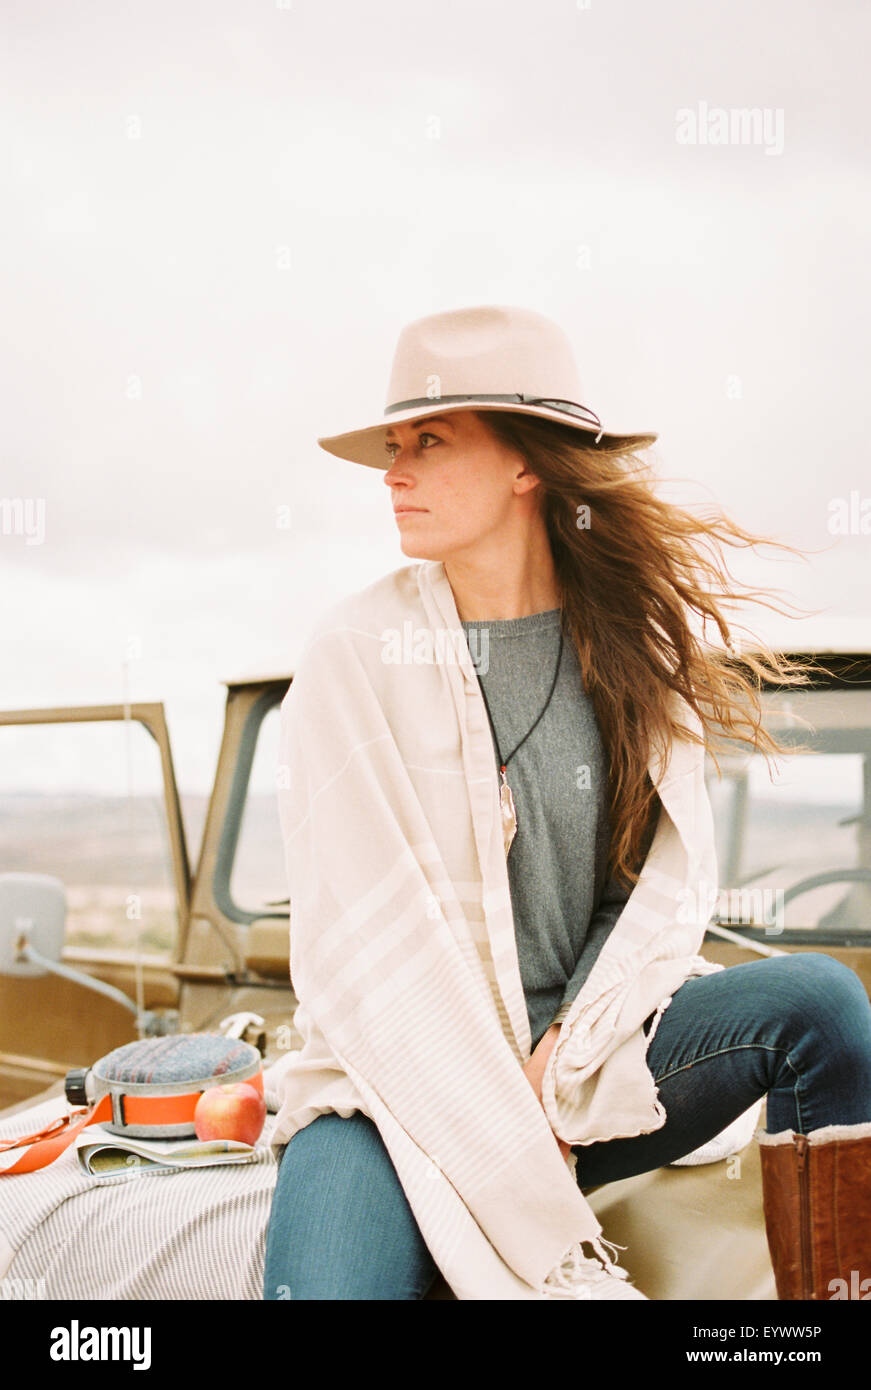 Femme portant un chapeau assis sur le devant d'une jeep à travers elle. Photo Stock